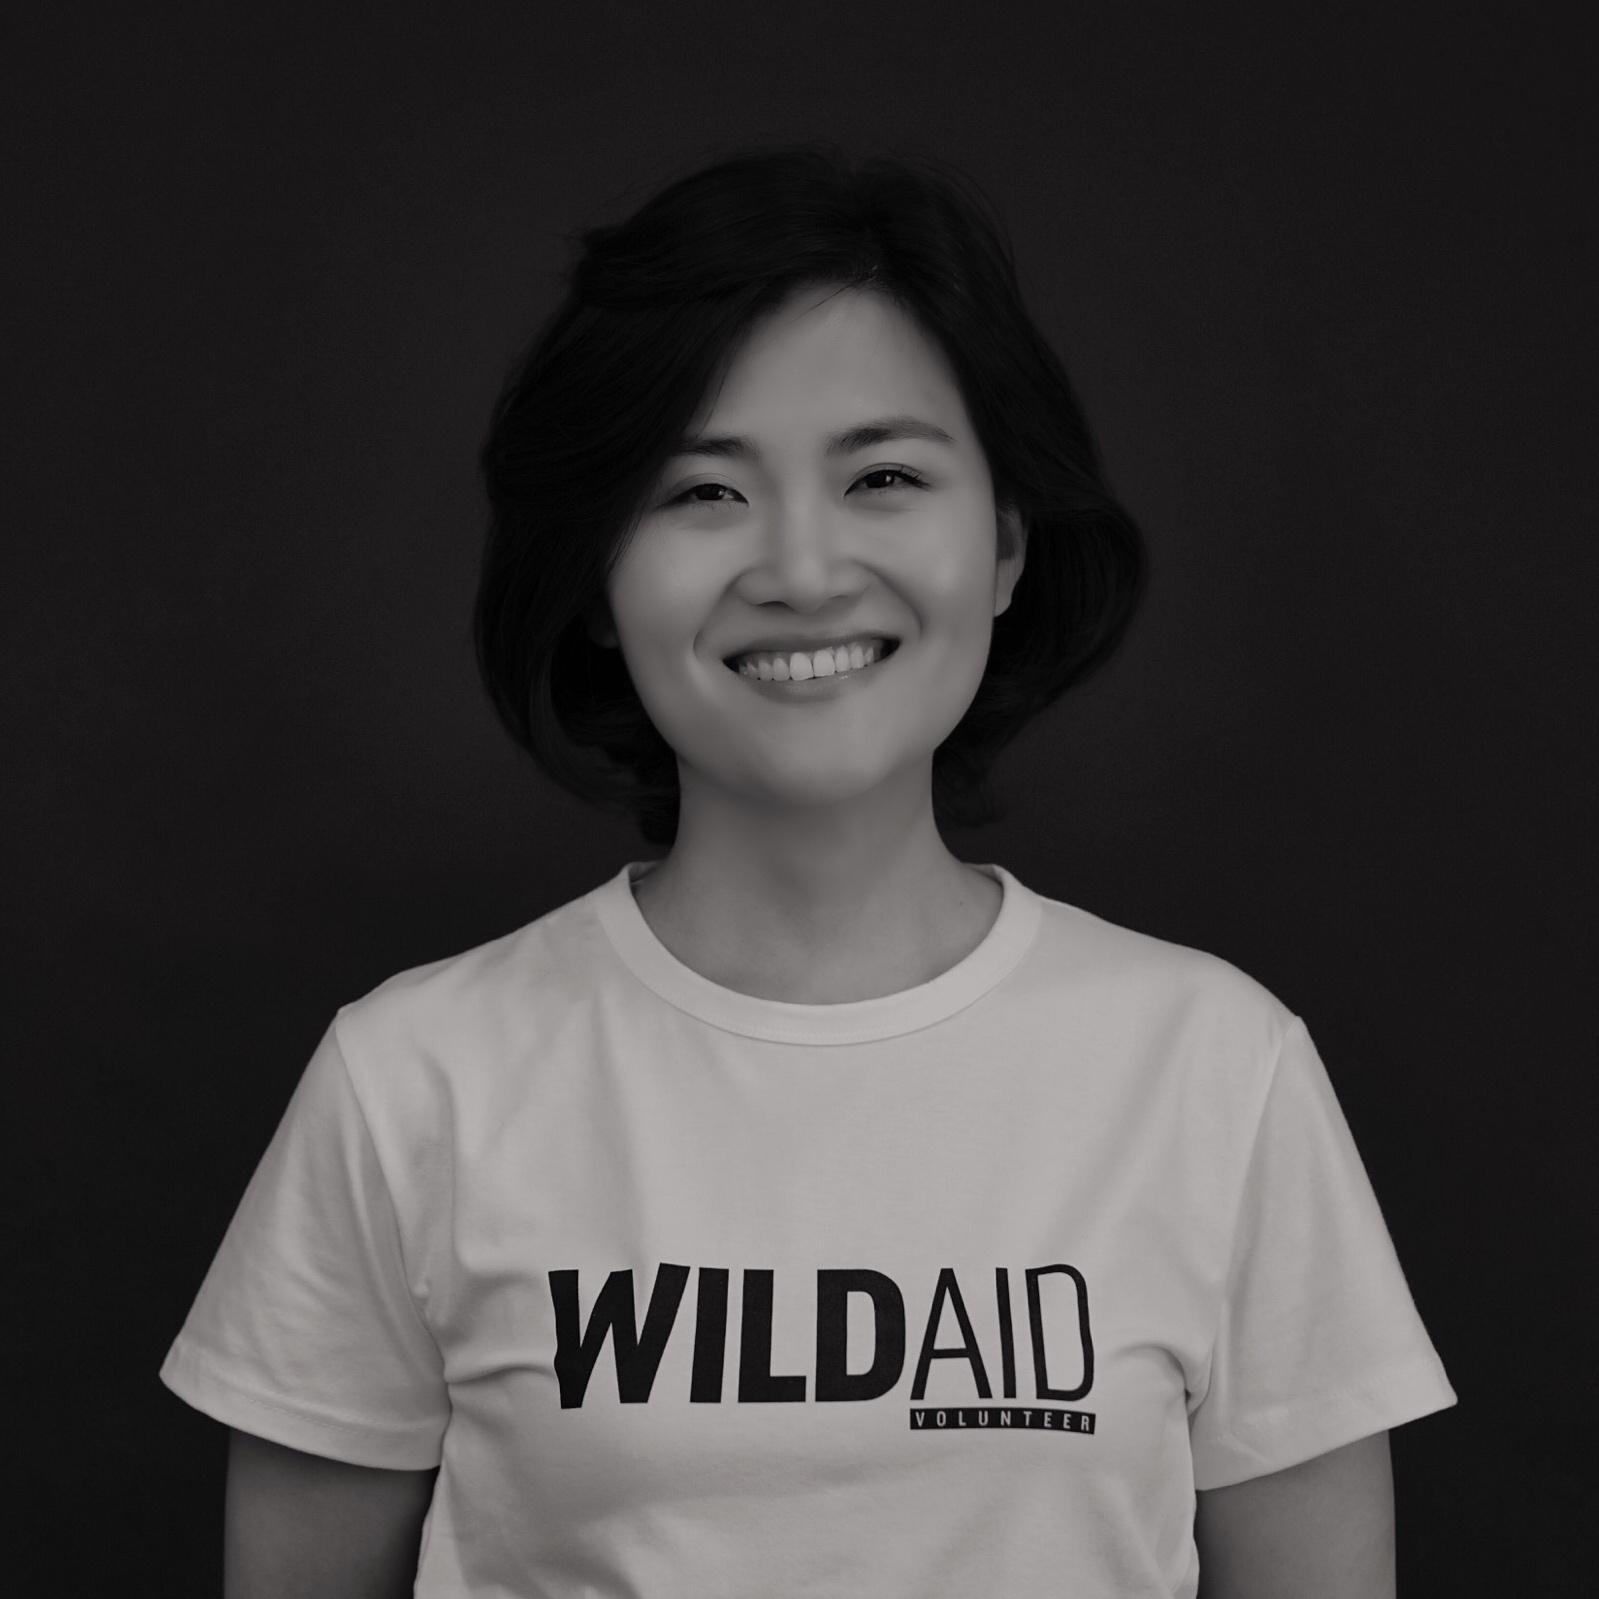 Ji Zhaojia